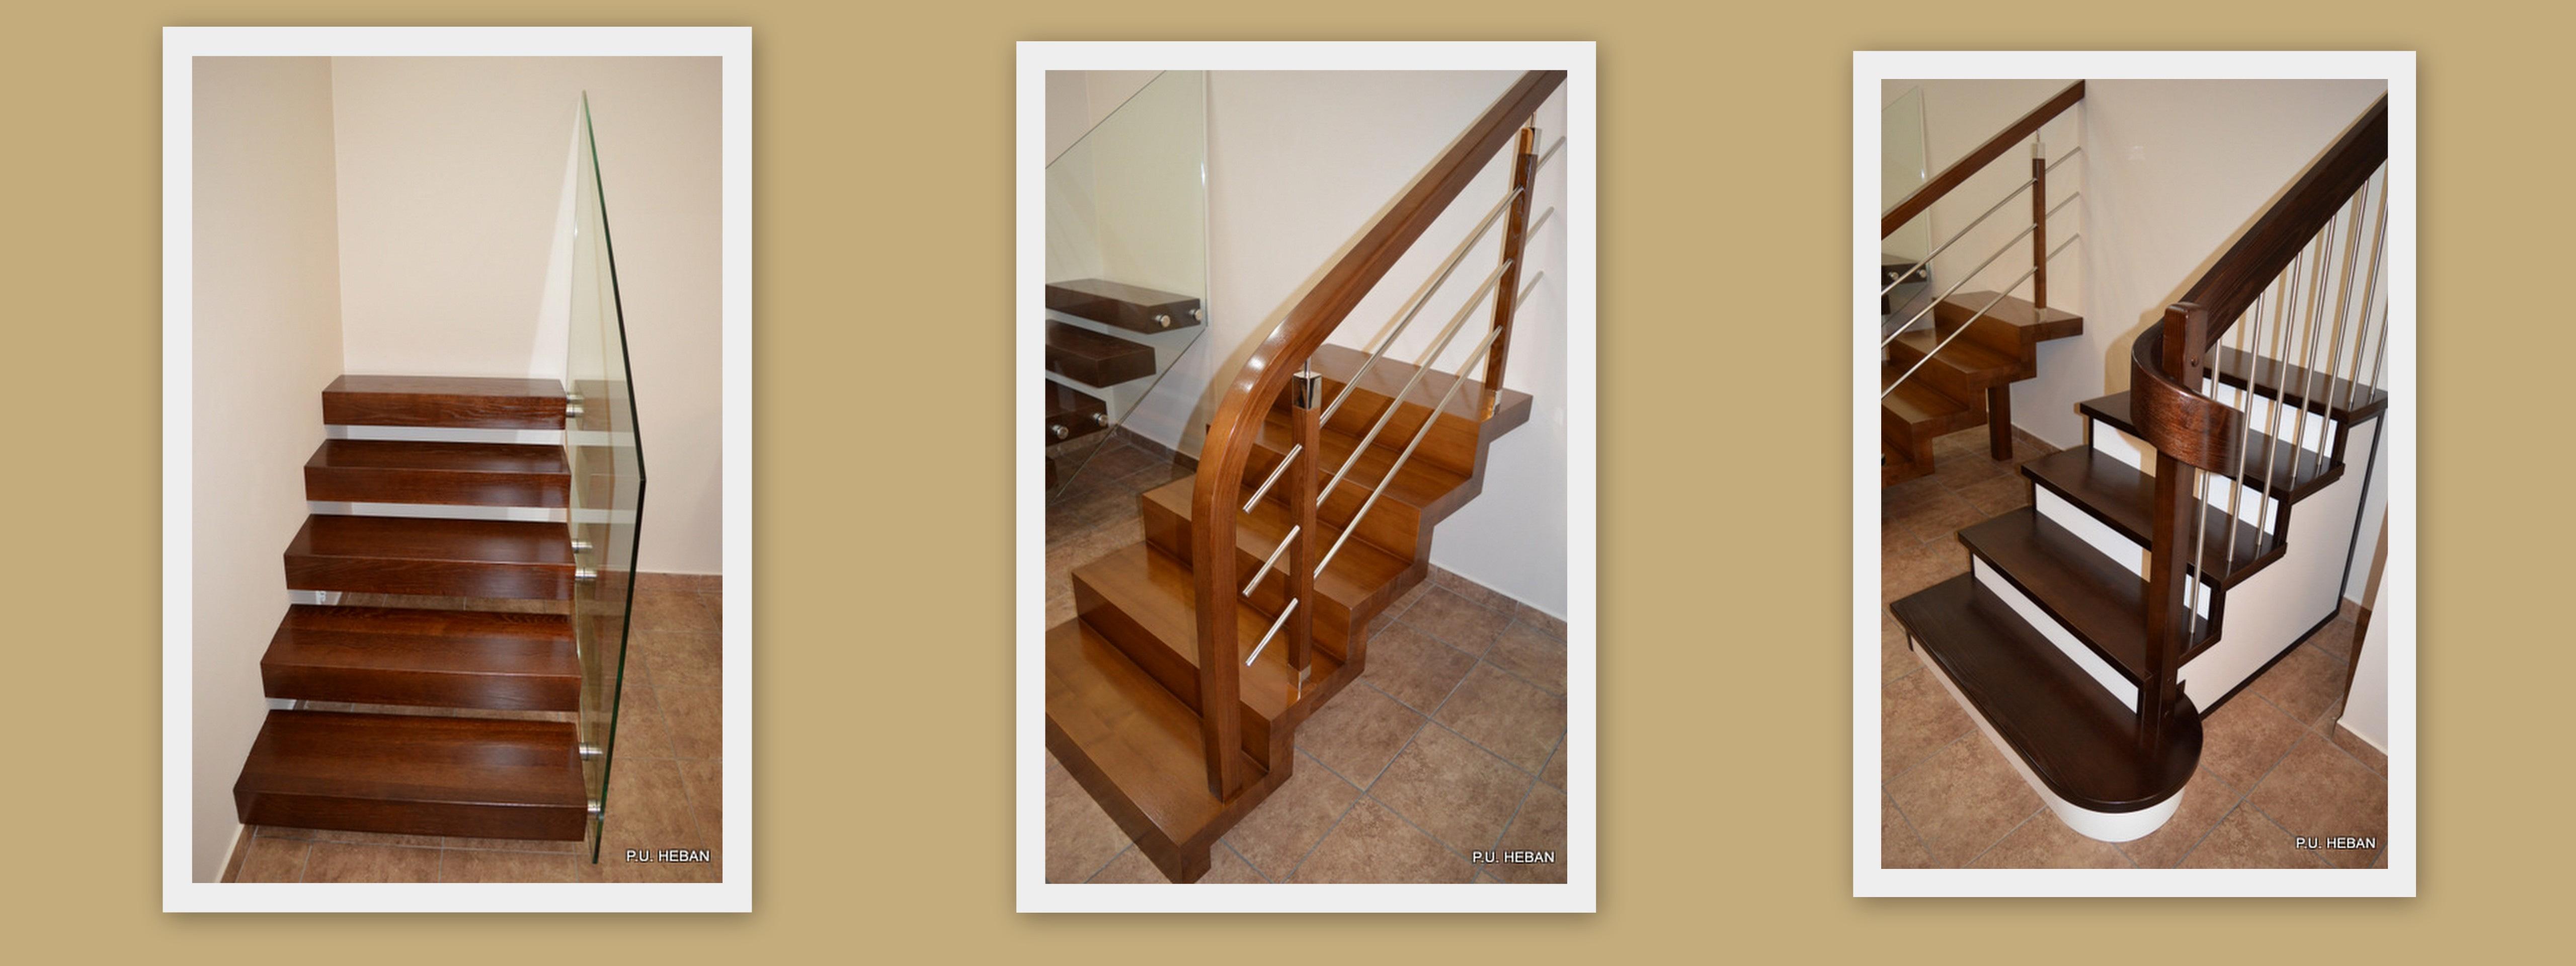 Szeroka oferta schodów